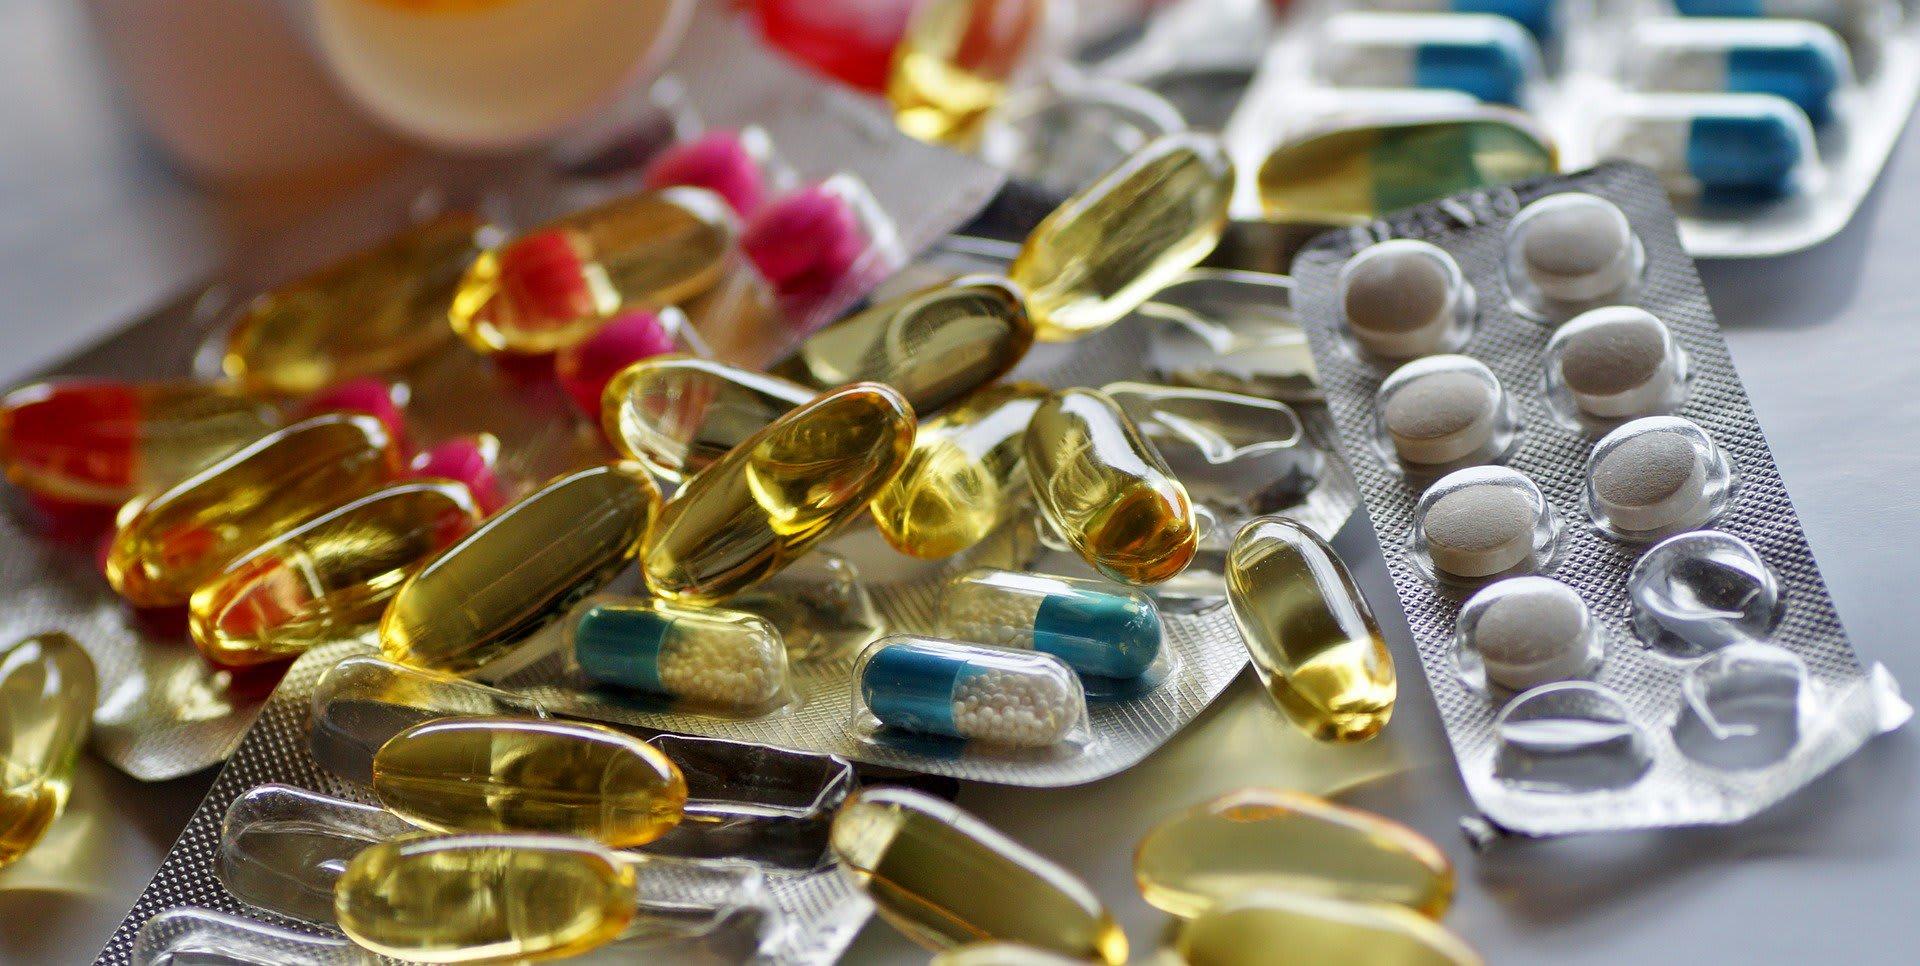 Remboursement médicaments - médicaments multicolores - Santé - 1920x966 - JPG